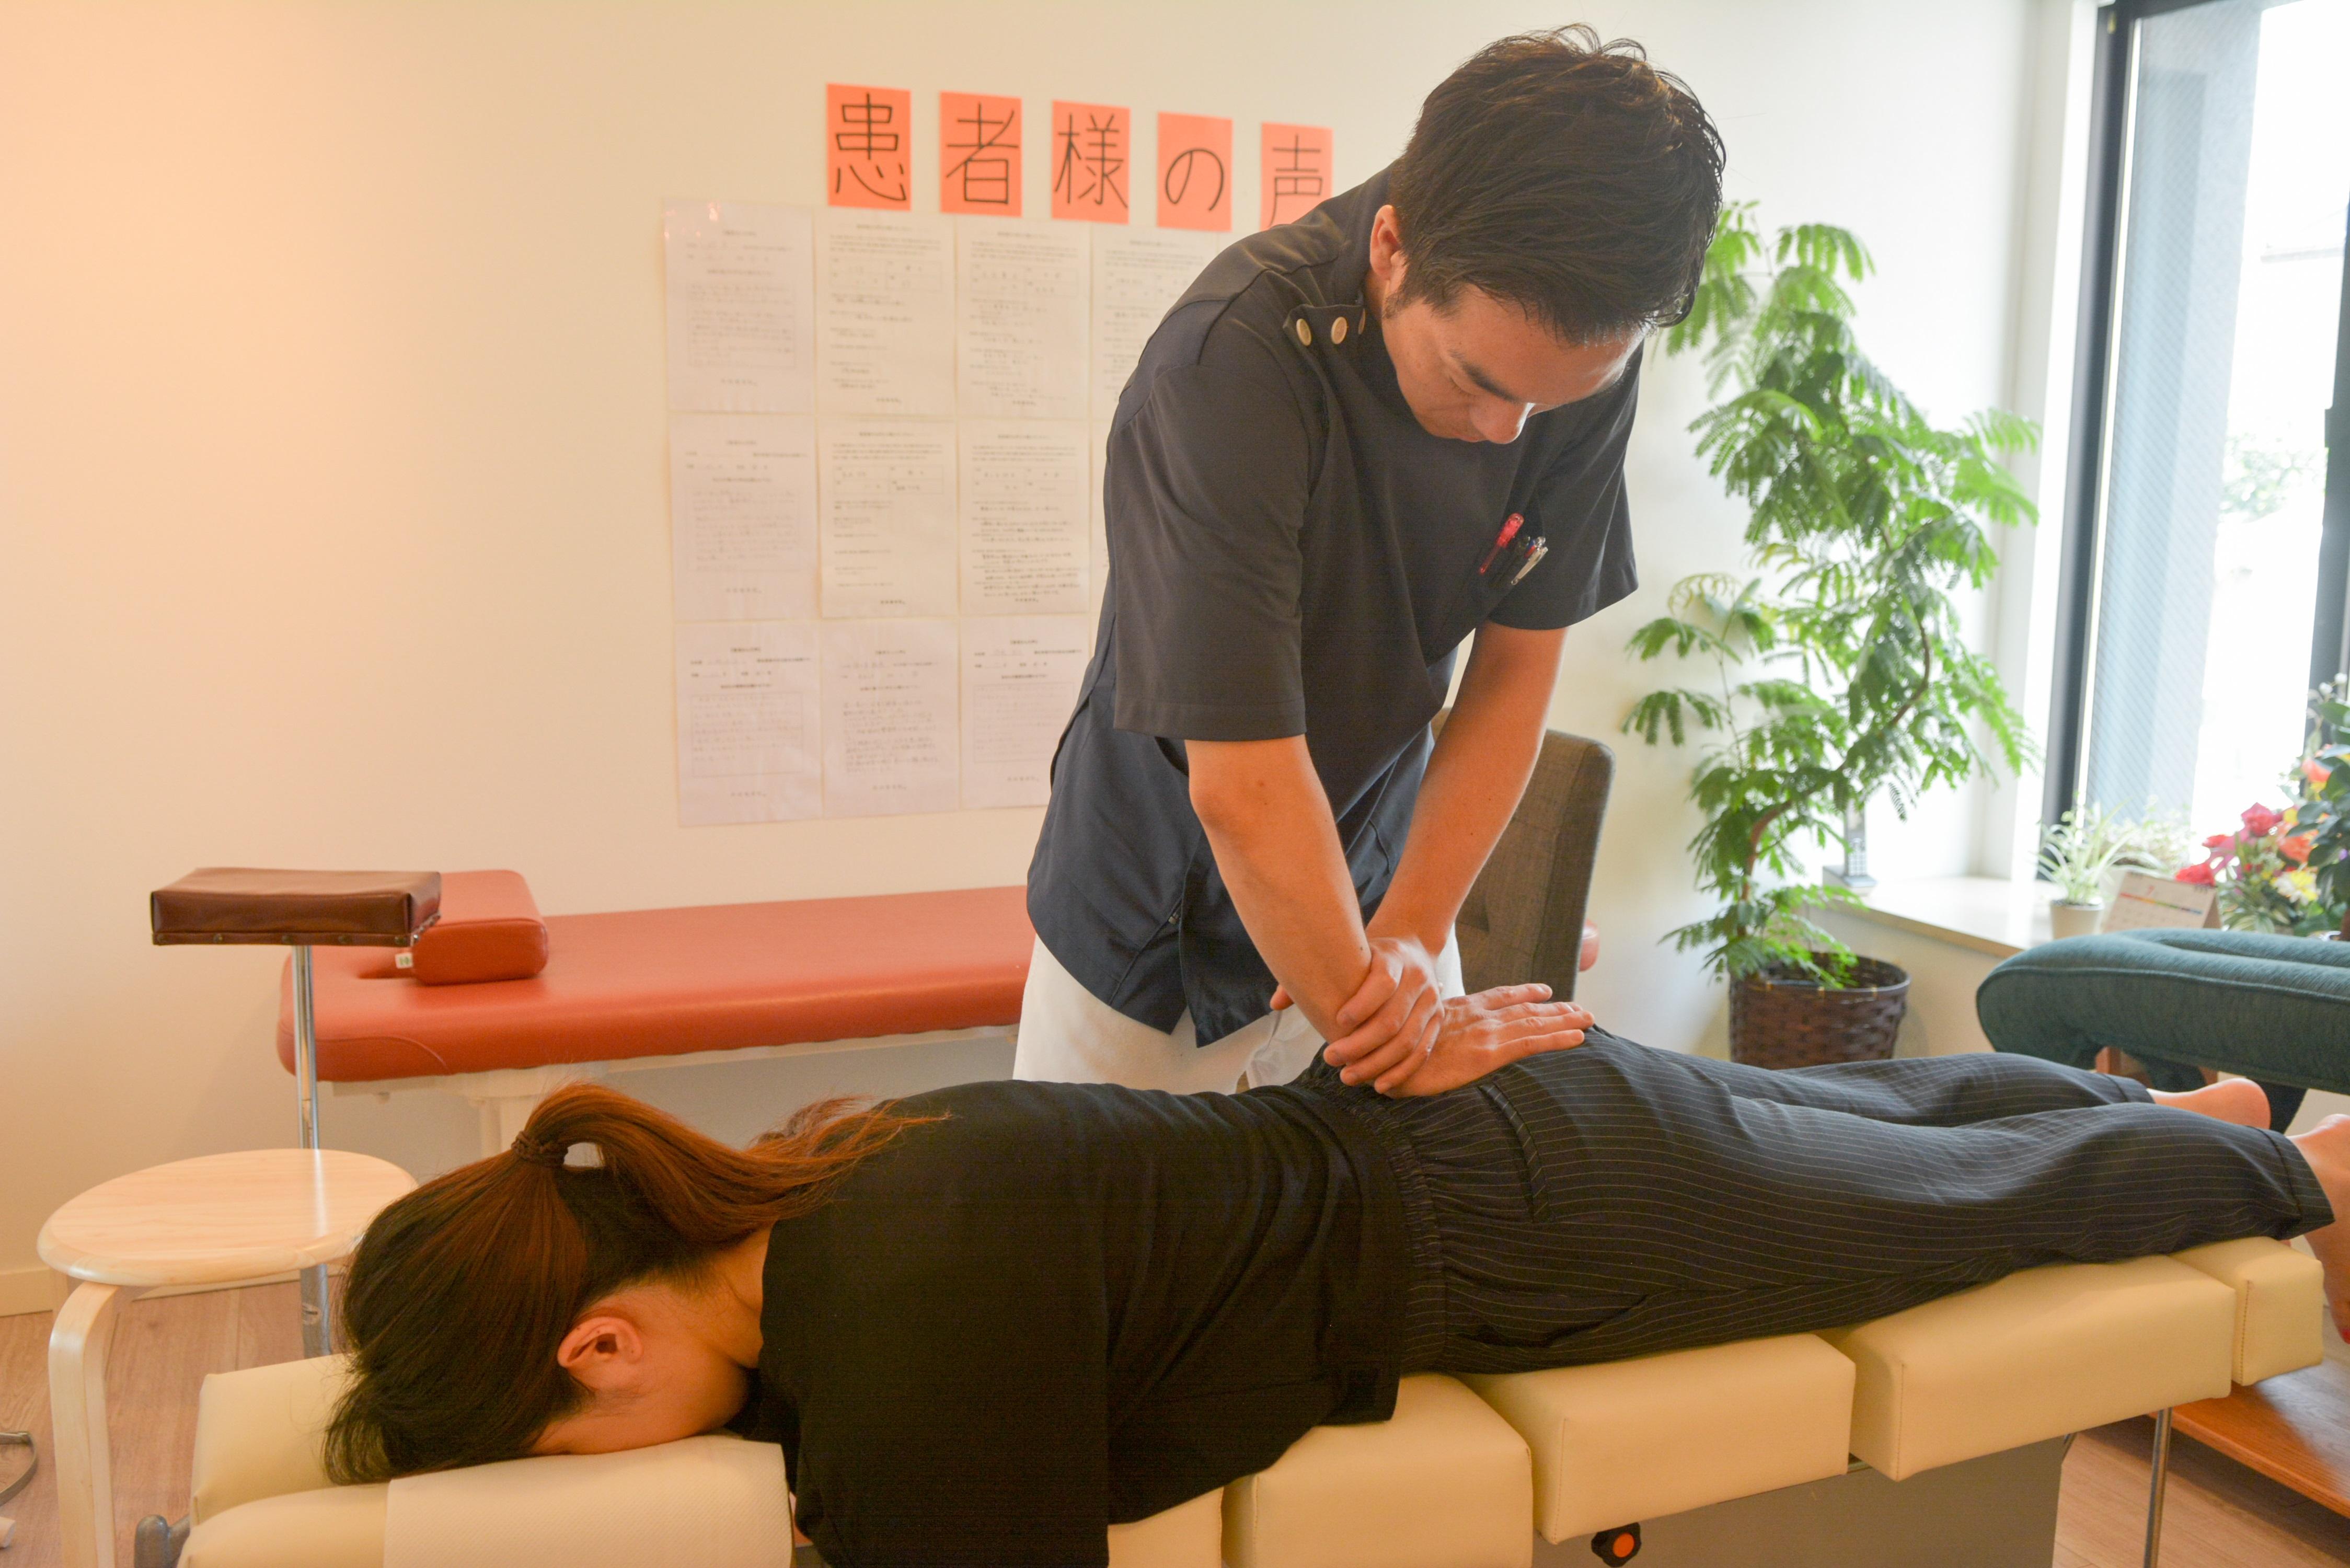 しびれの原因が腰・骨盤だった場合のうつ伏せの矯正